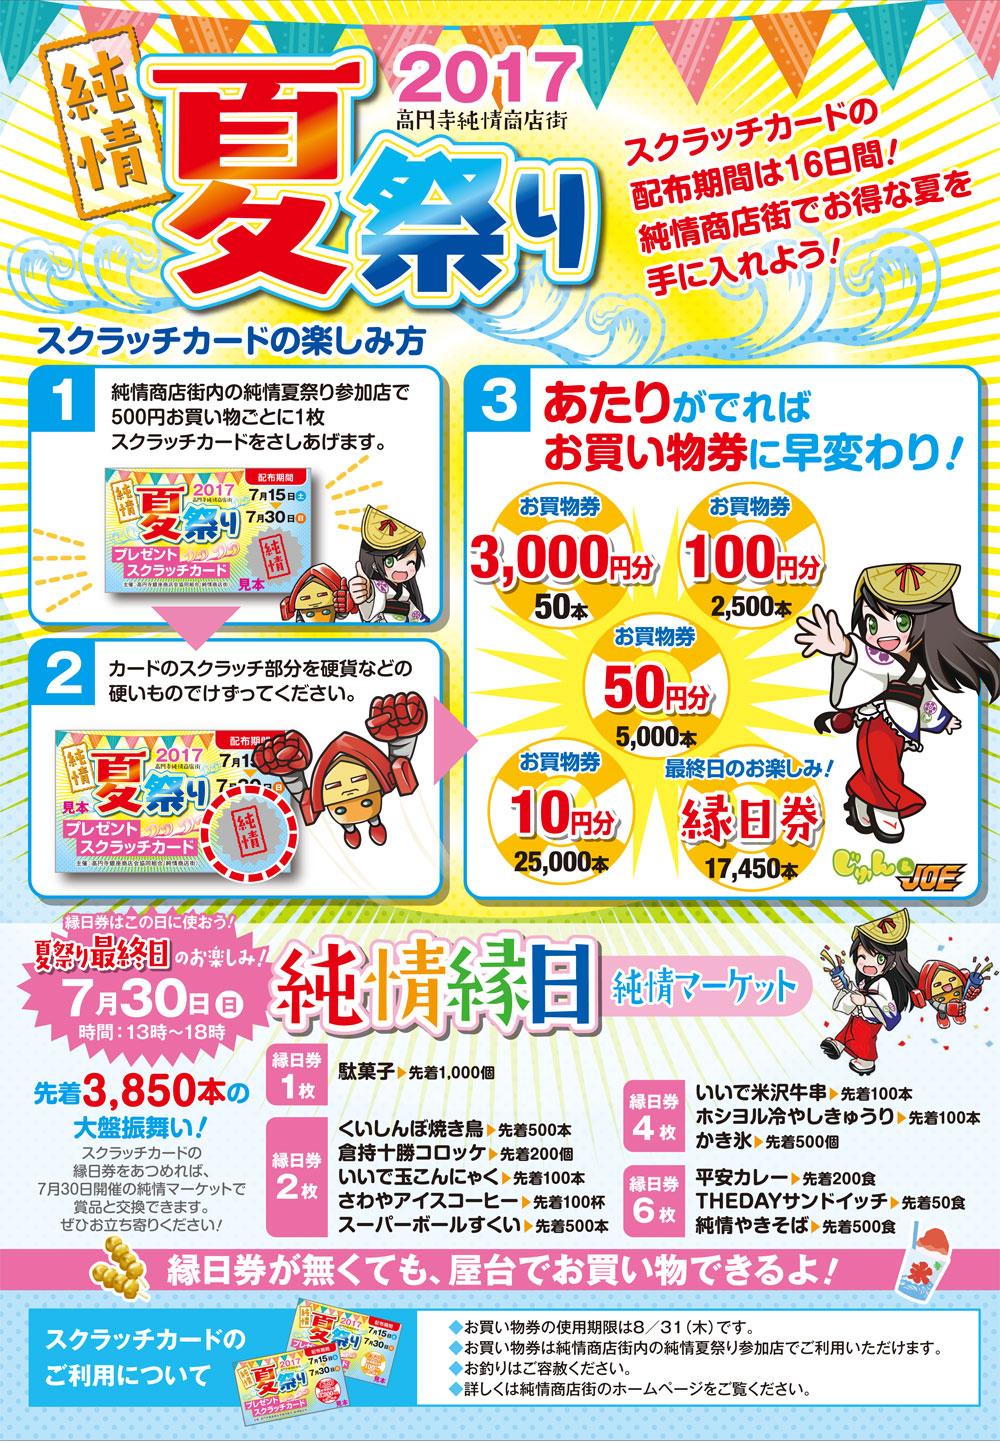 純情夏祭り 2017 が開催されます(^o^)/